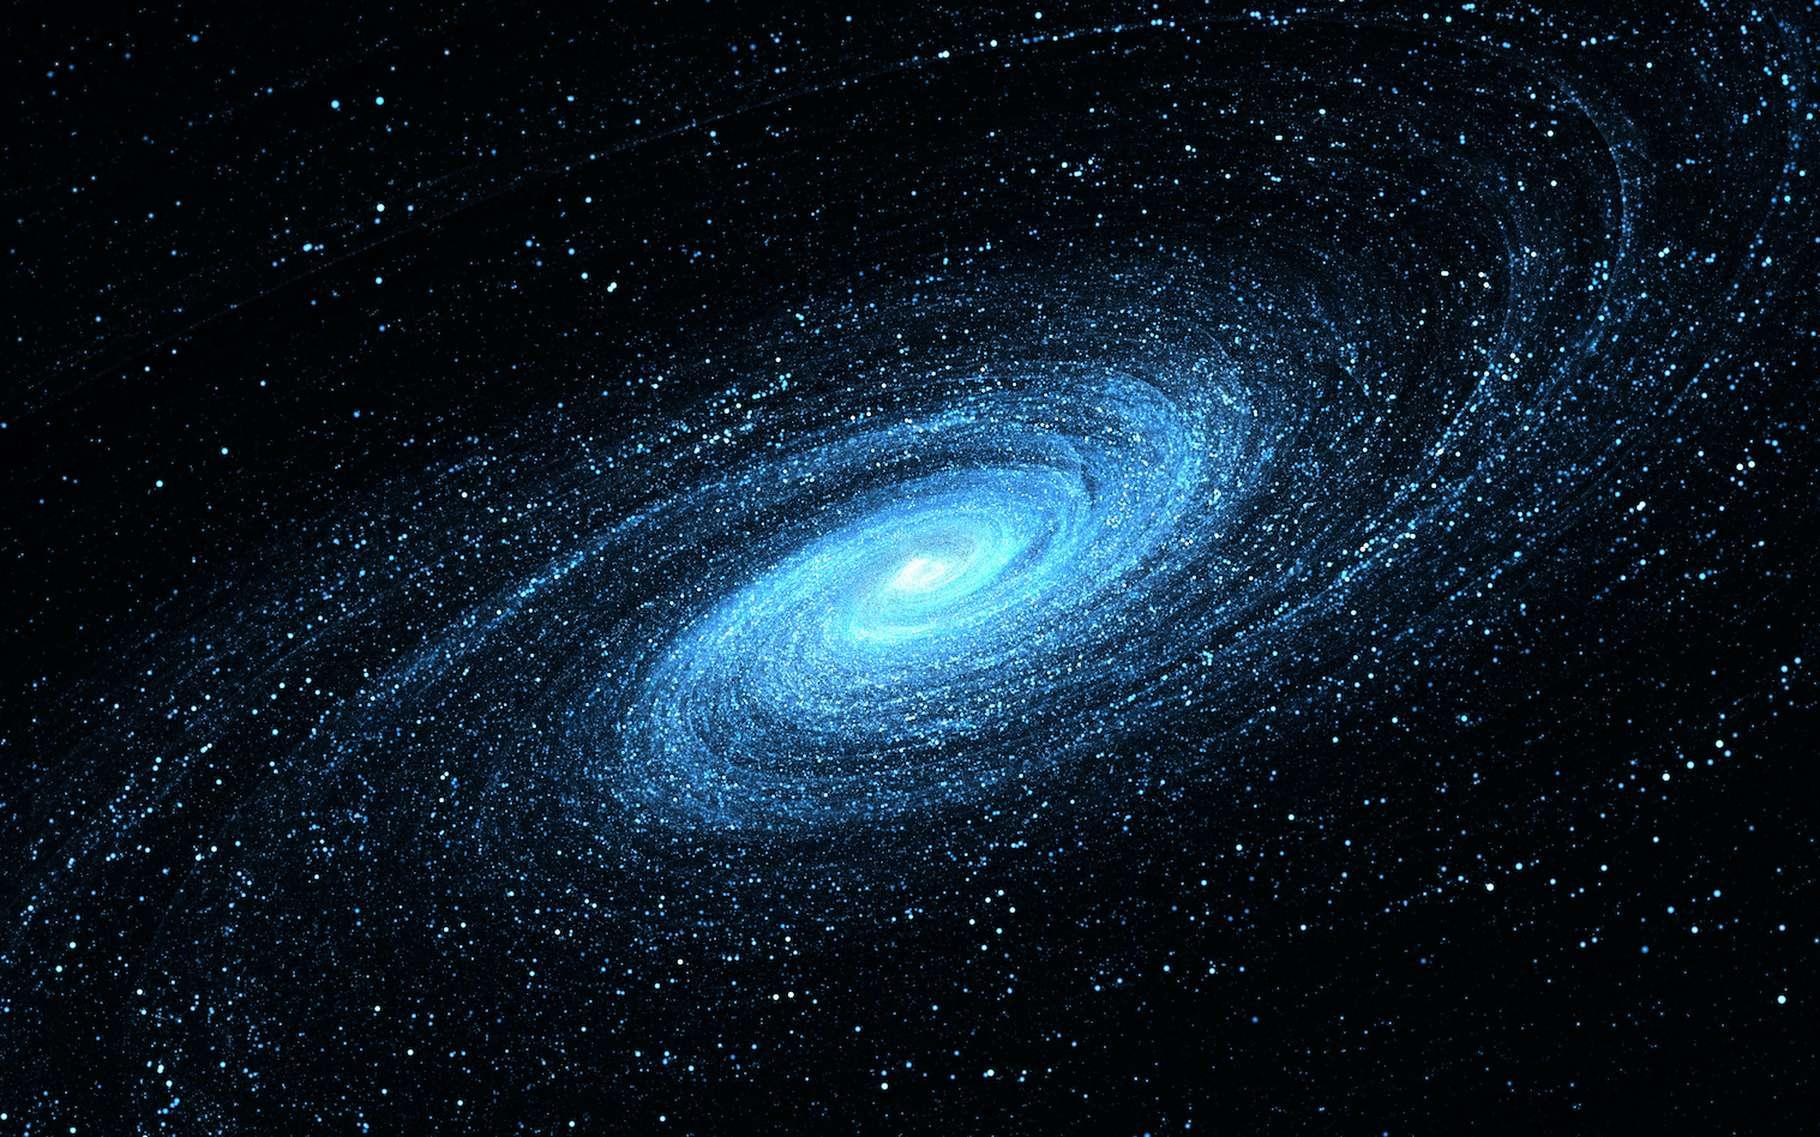 Des chercheurs de l'université de Lund (Suède) montrent comment des collisions de galaxies peuvent mener à structurer une galaxie spirale telle que la Voie lactée. © Peter Jurik, Adobe Stock